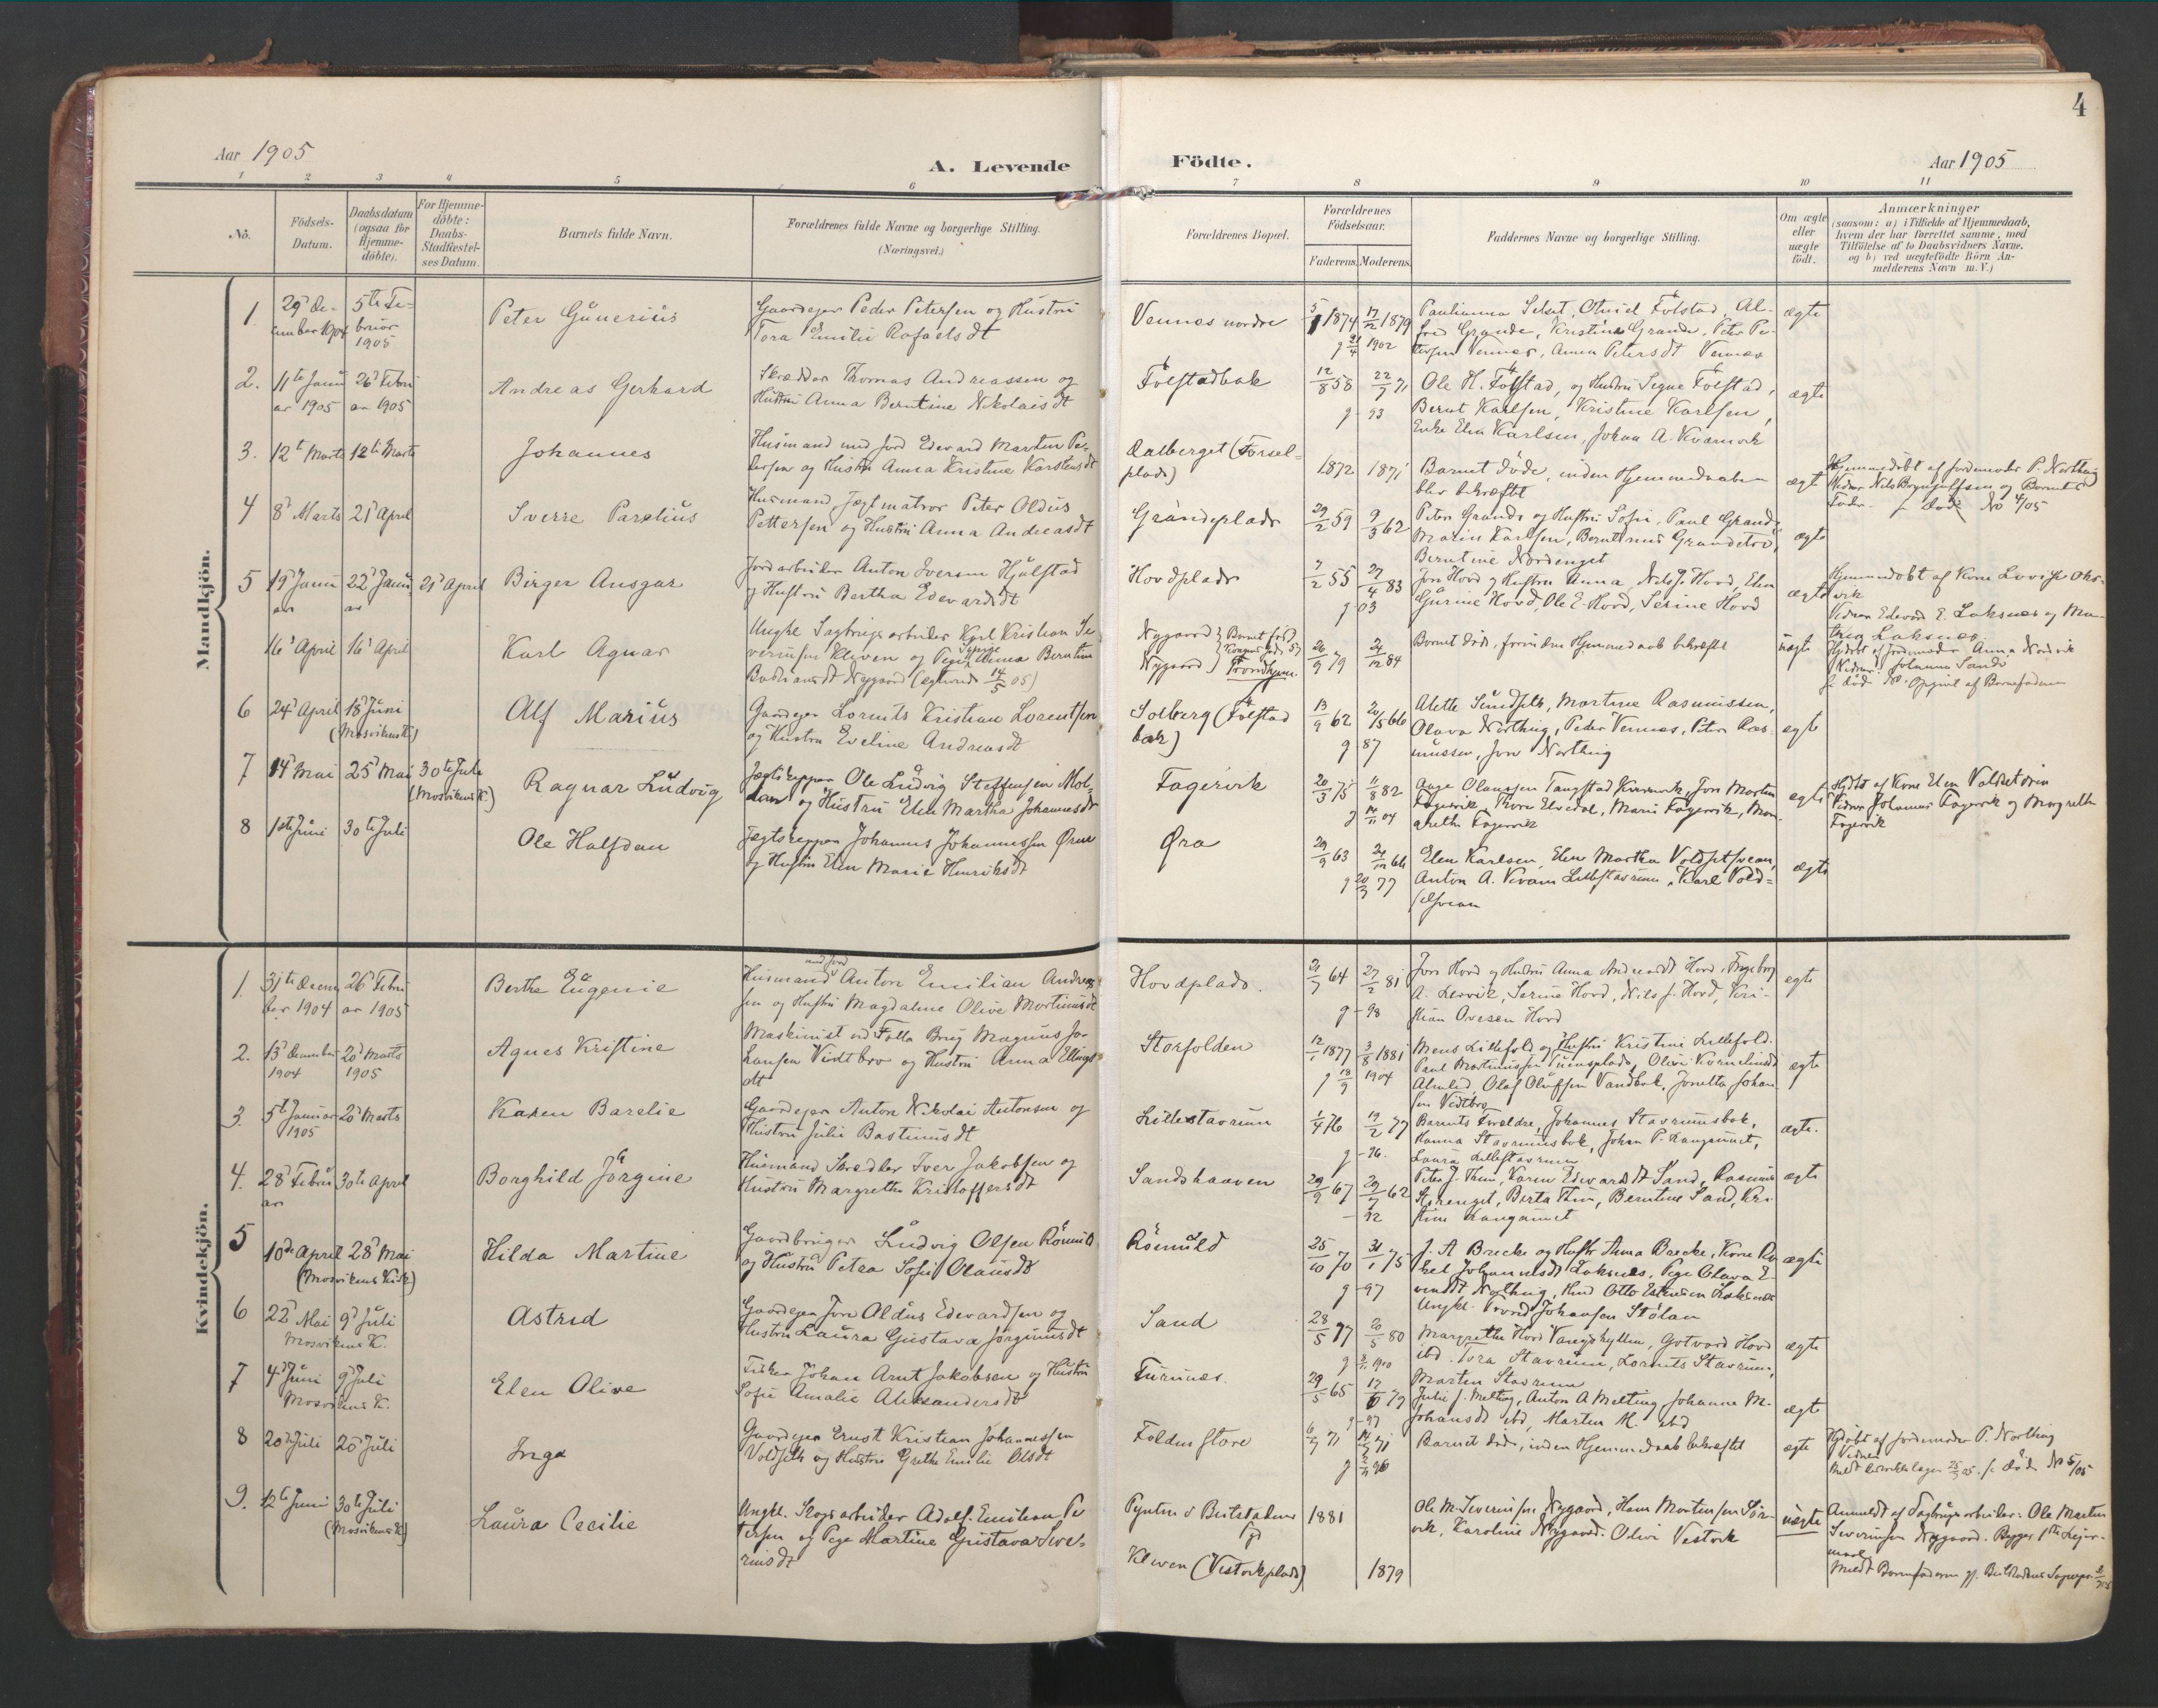 SAT, Ministerialprotokoller, klokkerbøker og fødselsregistre - Nord-Trøndelag, 744/L0421: Ministerialbok nr. 744A05, 1905-1930, s. 4